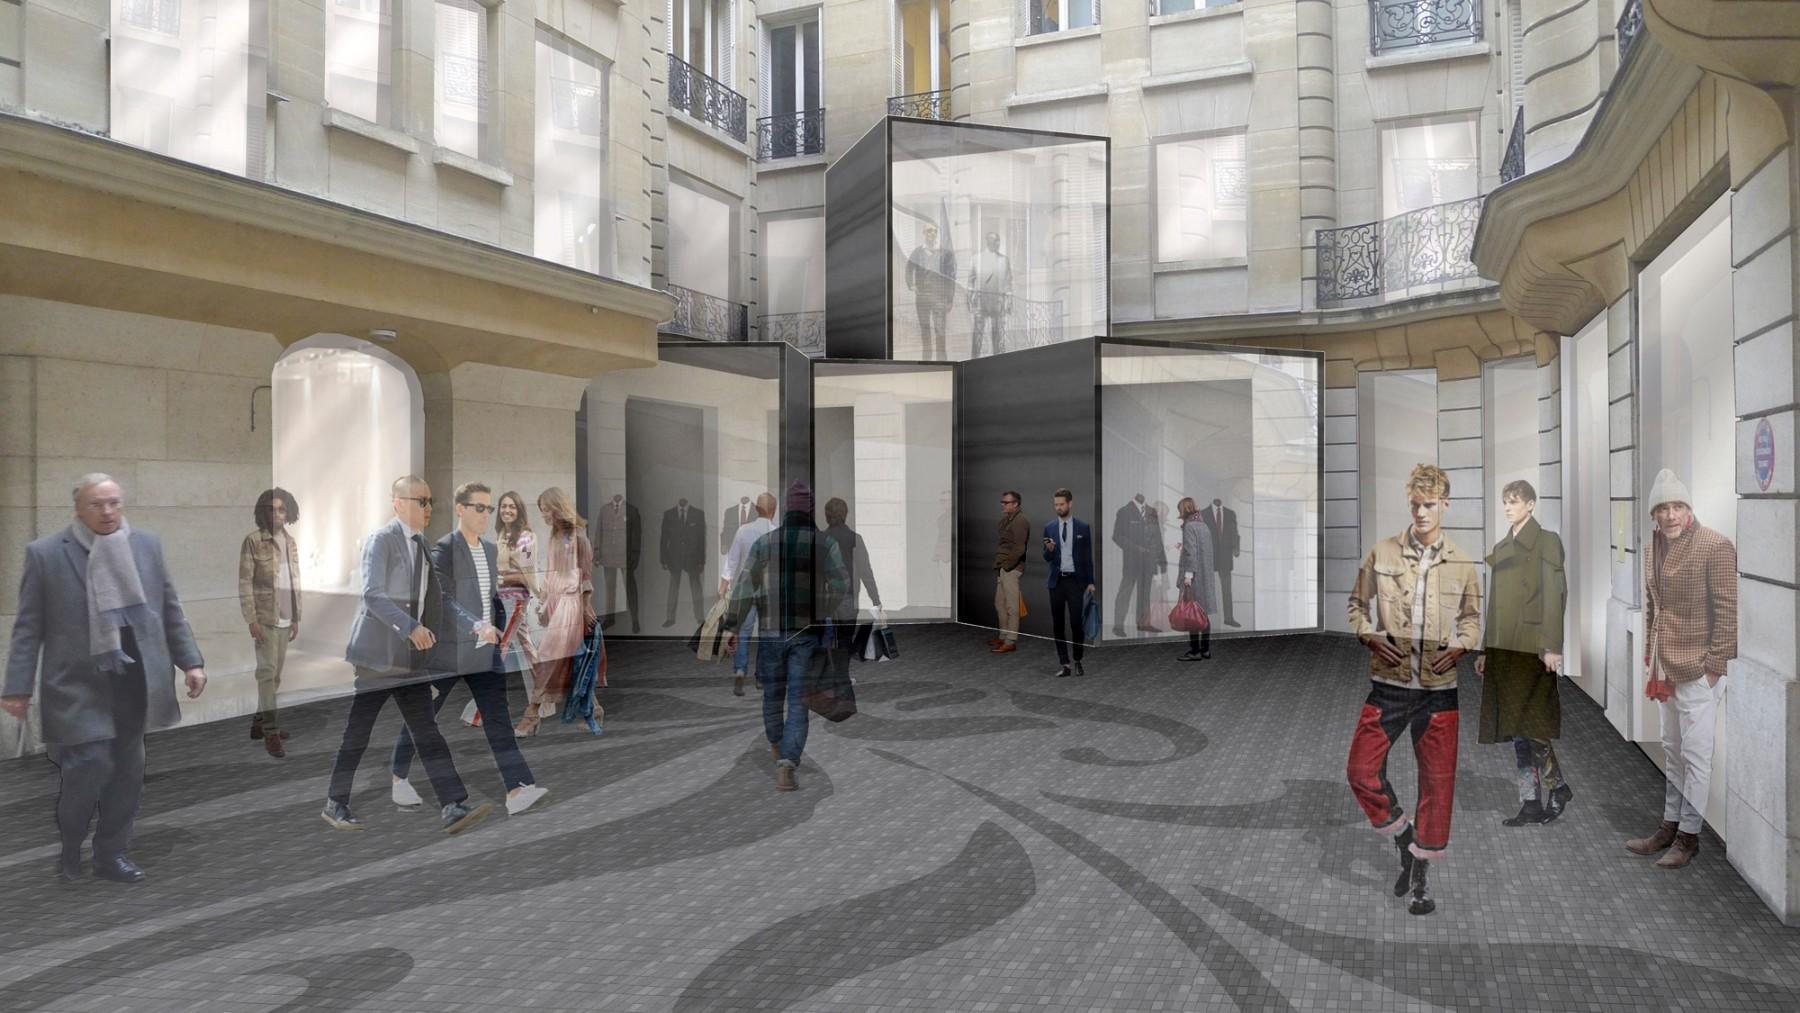 BHV-Galeries-Lafayette-Paris-retail-France-Hôtel-de-Ville-Department-store-shopping-Jamie-Fobert-Architects-development-2